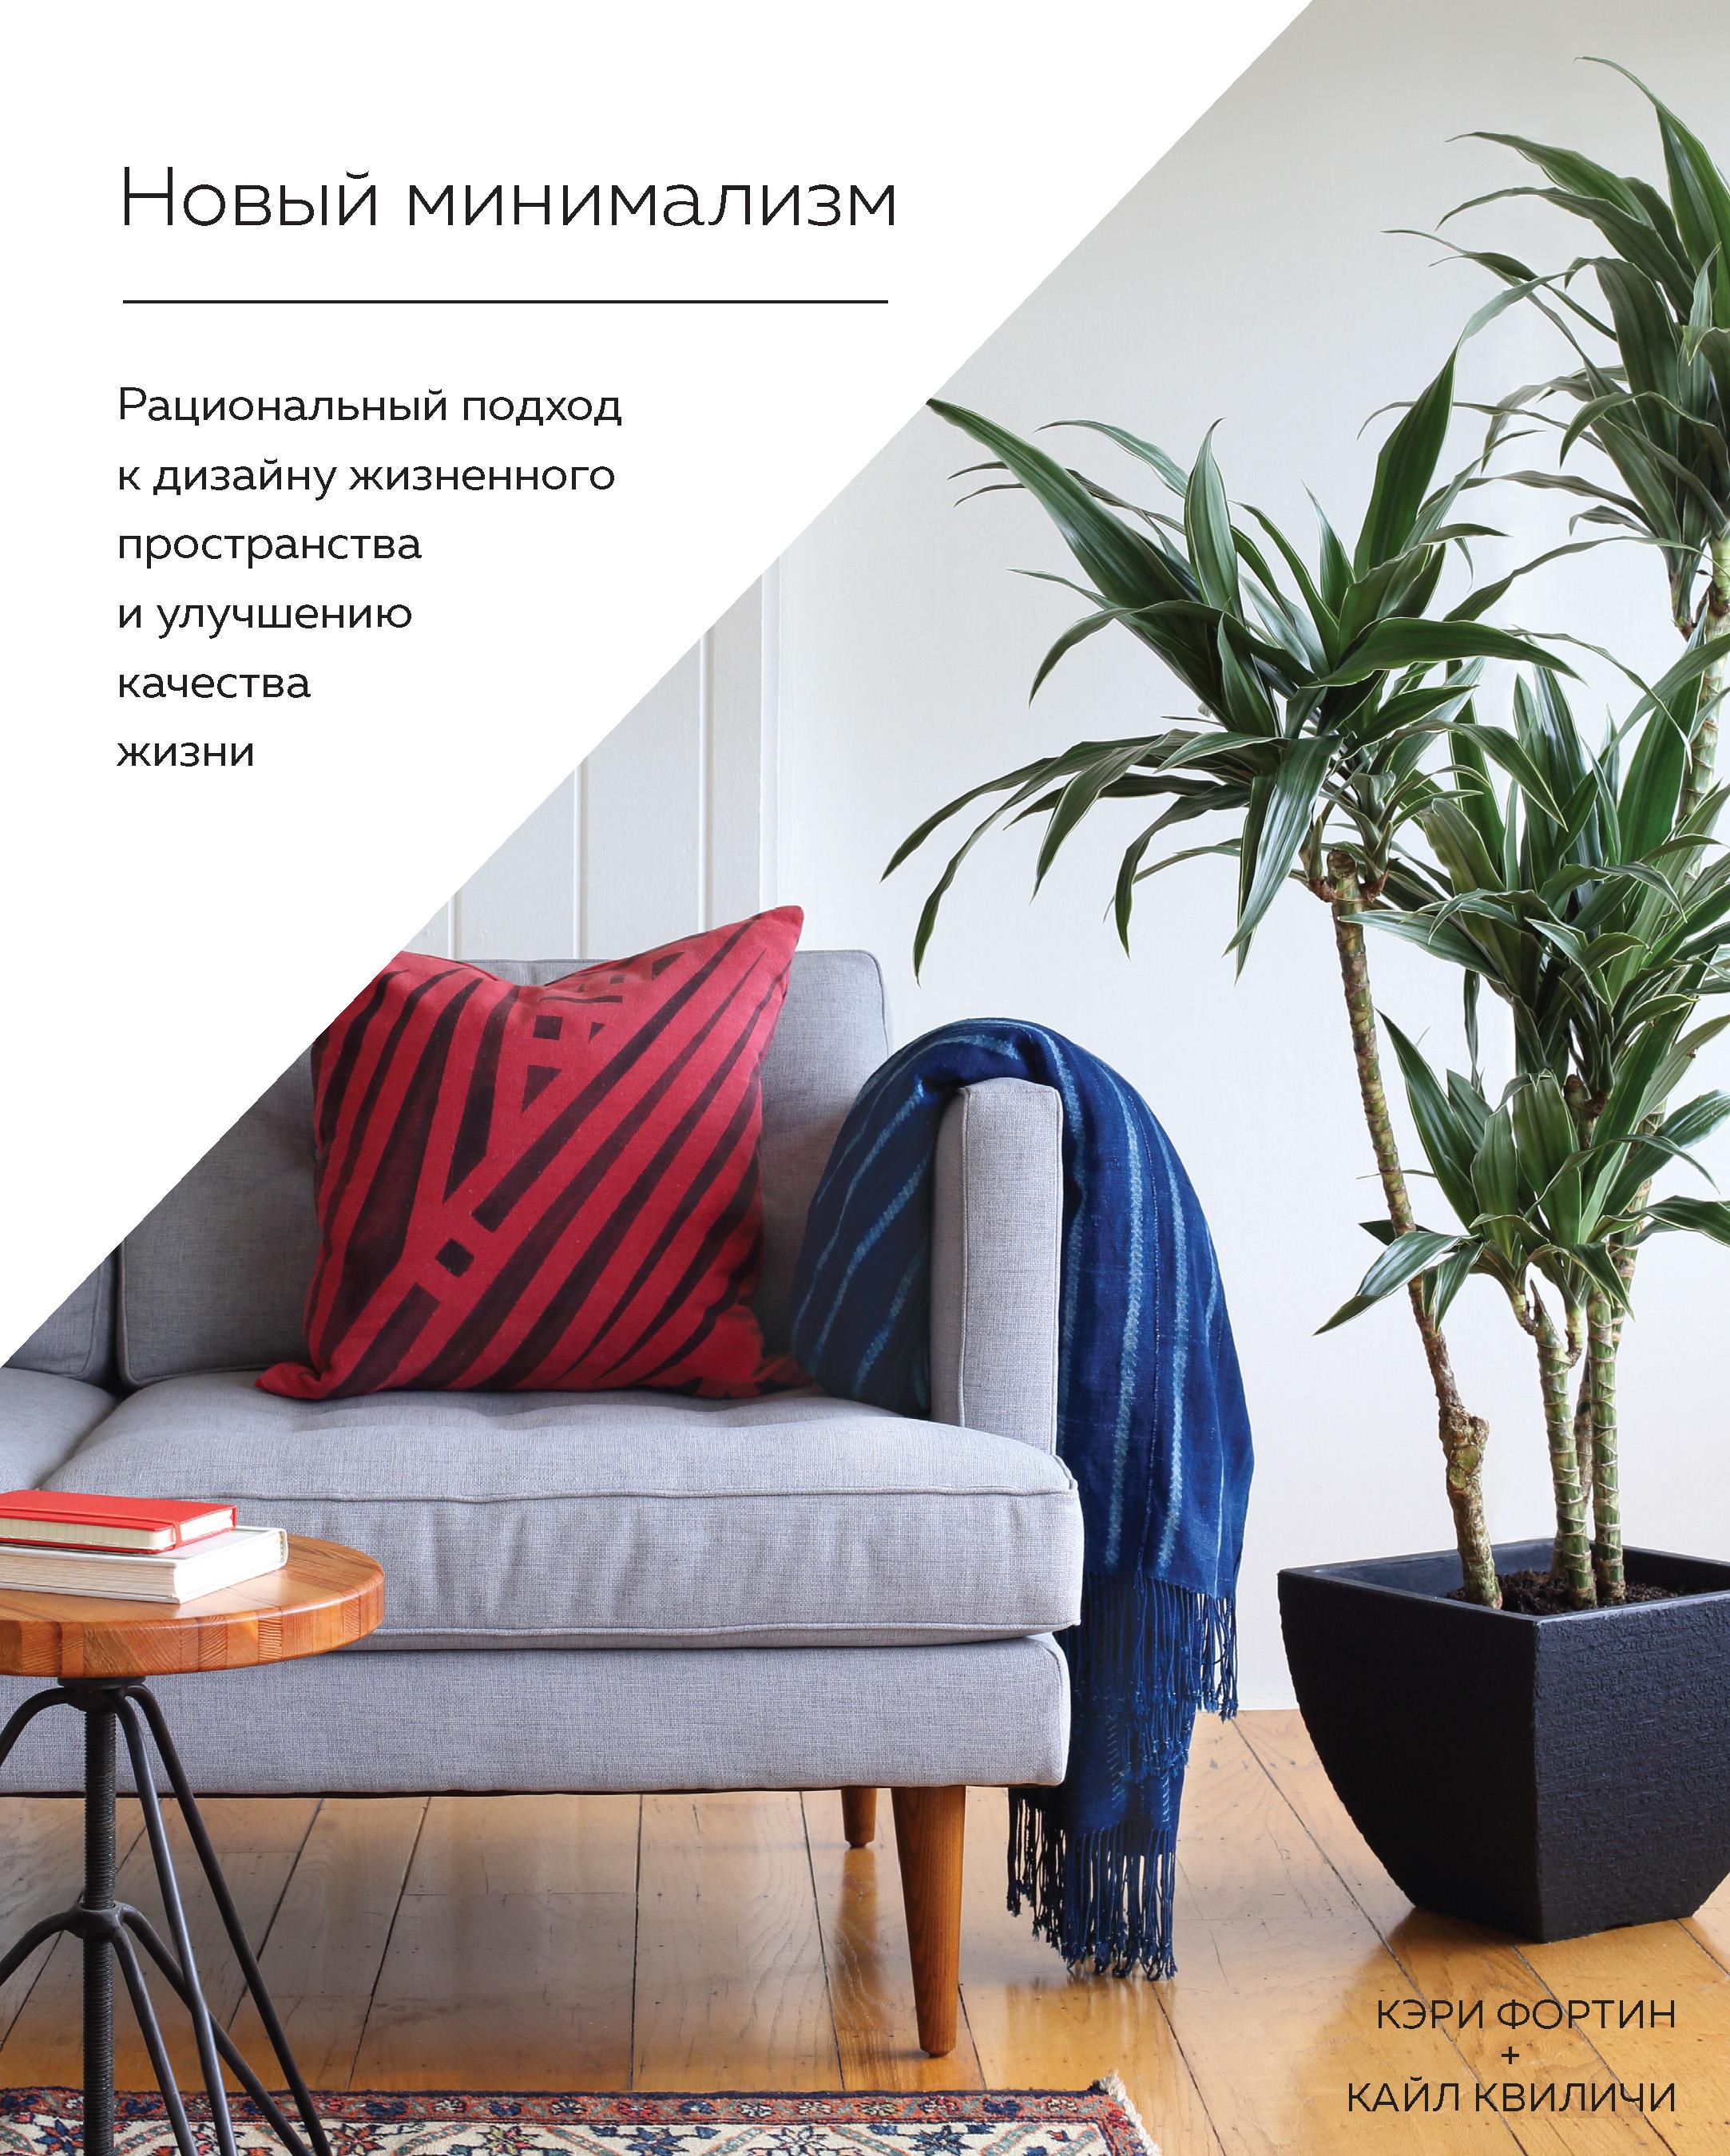 Новый минимализм. Рациональный подход к дизайну жизненного пространства и улучшению качества жизни